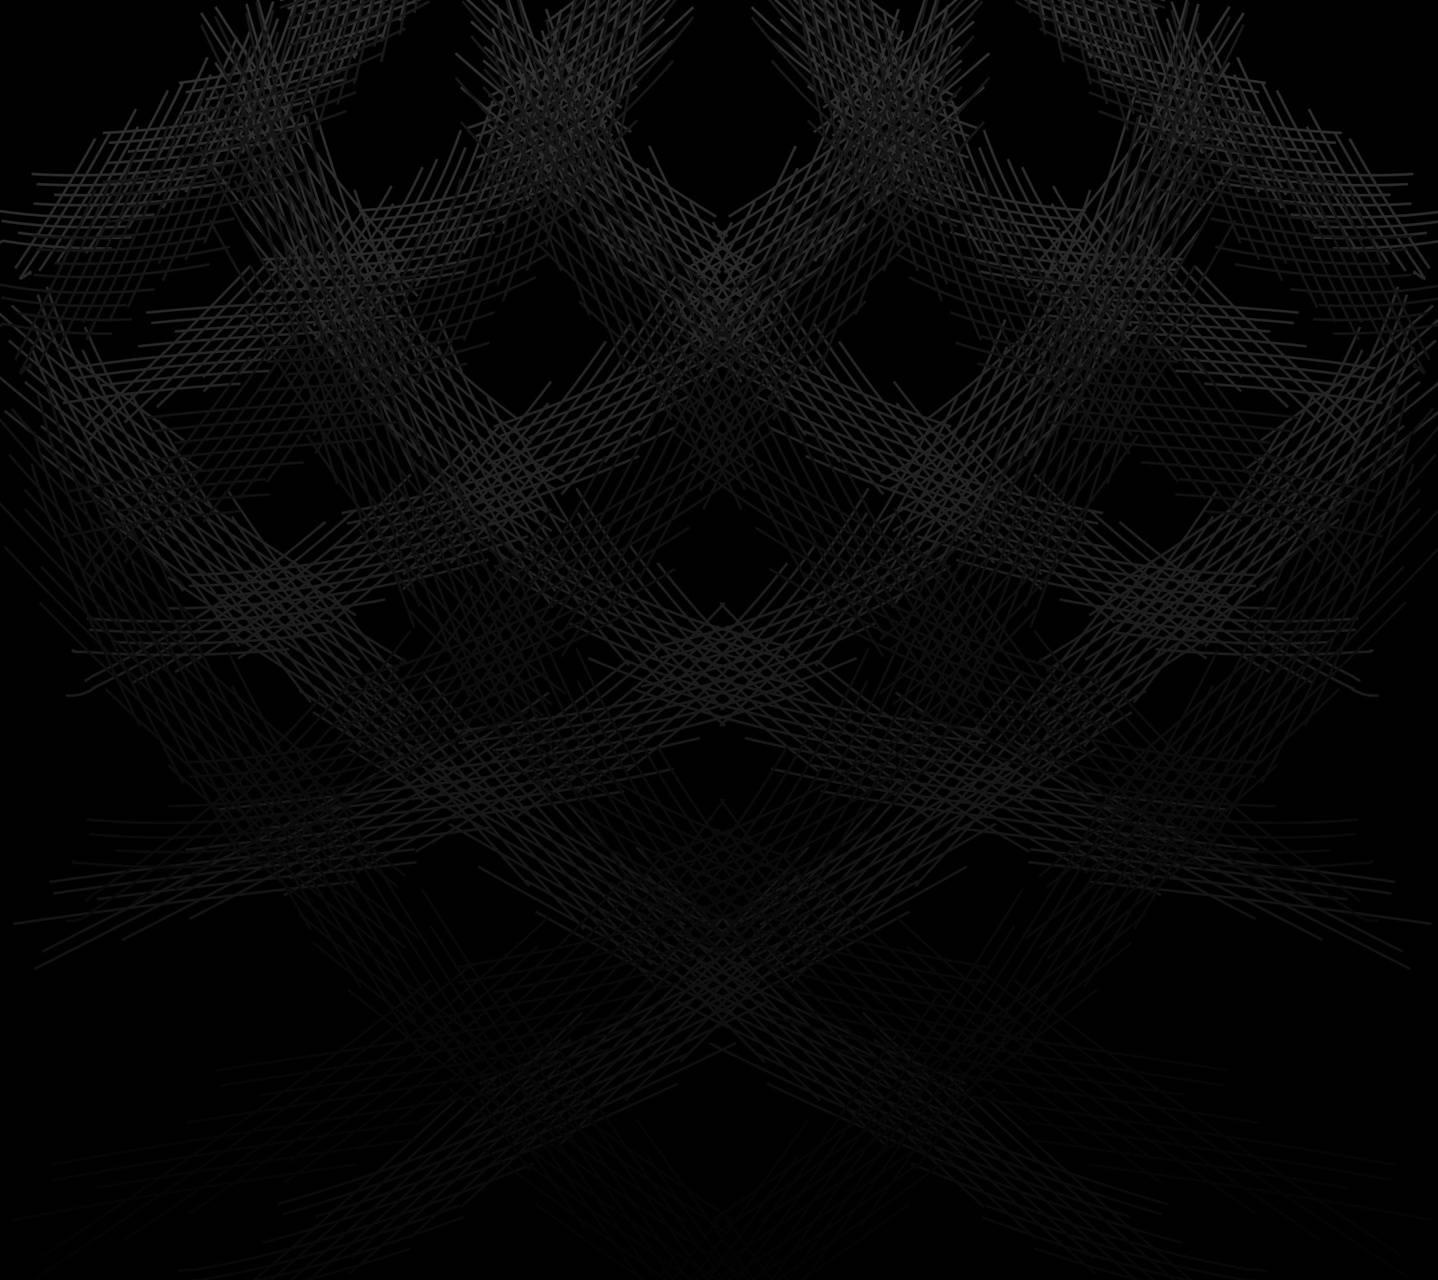 Dark Web Wallpaper Posted By John Walker